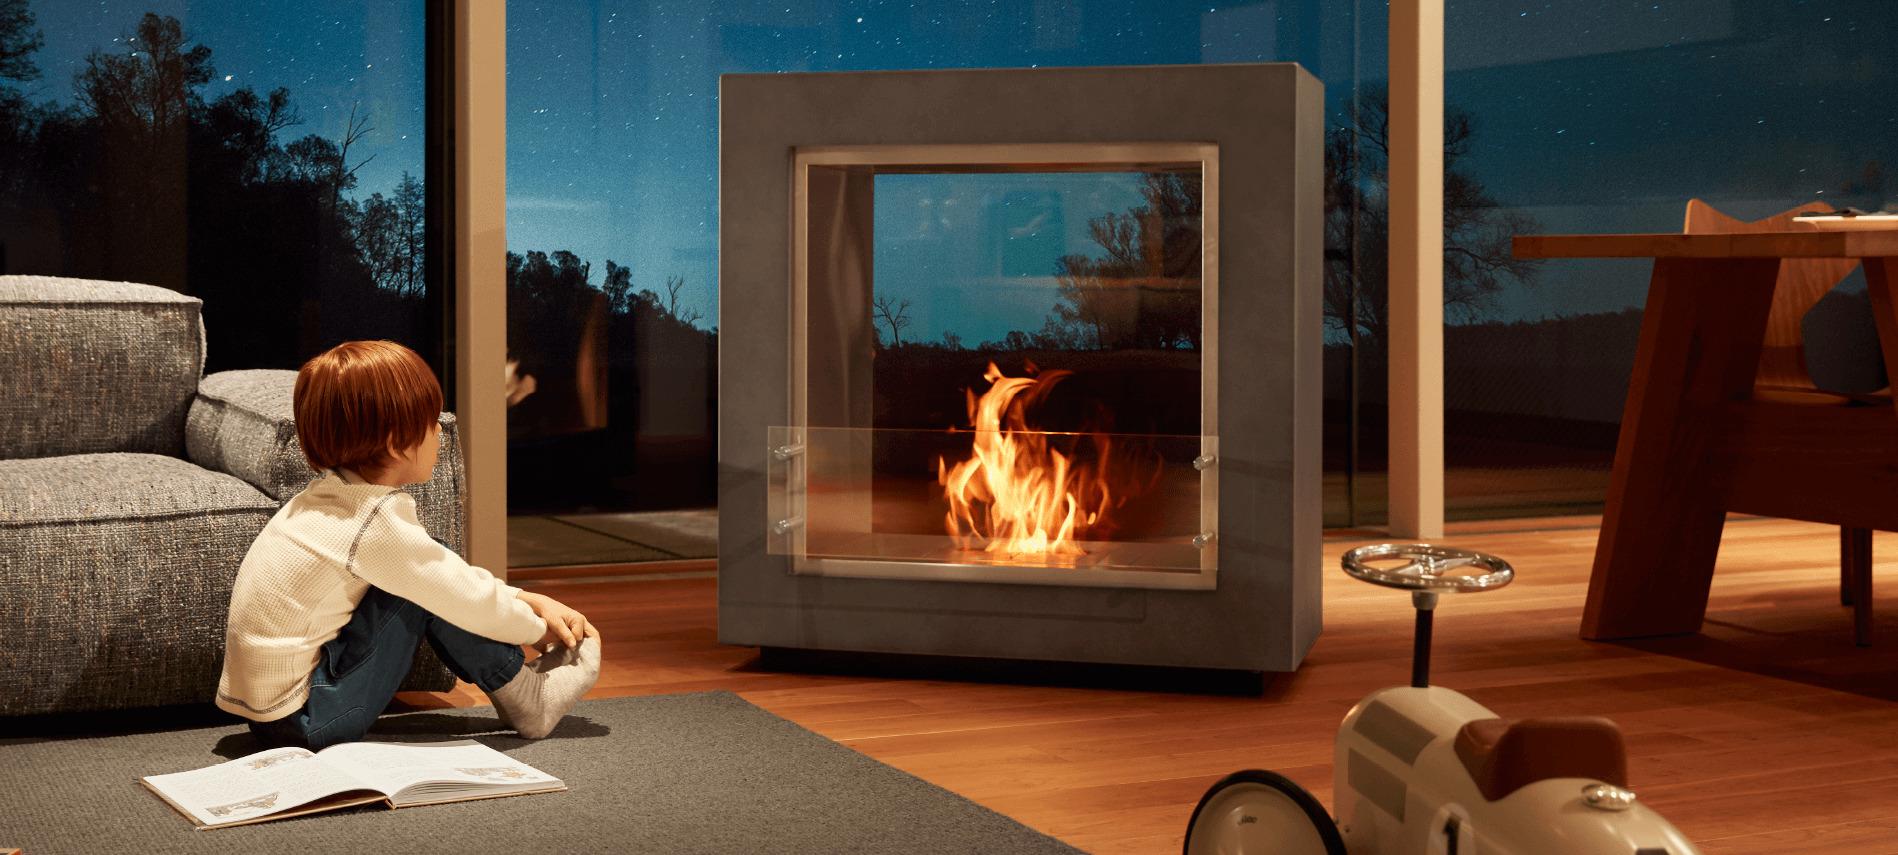 バイオエタノール暖炉を見つめる子供